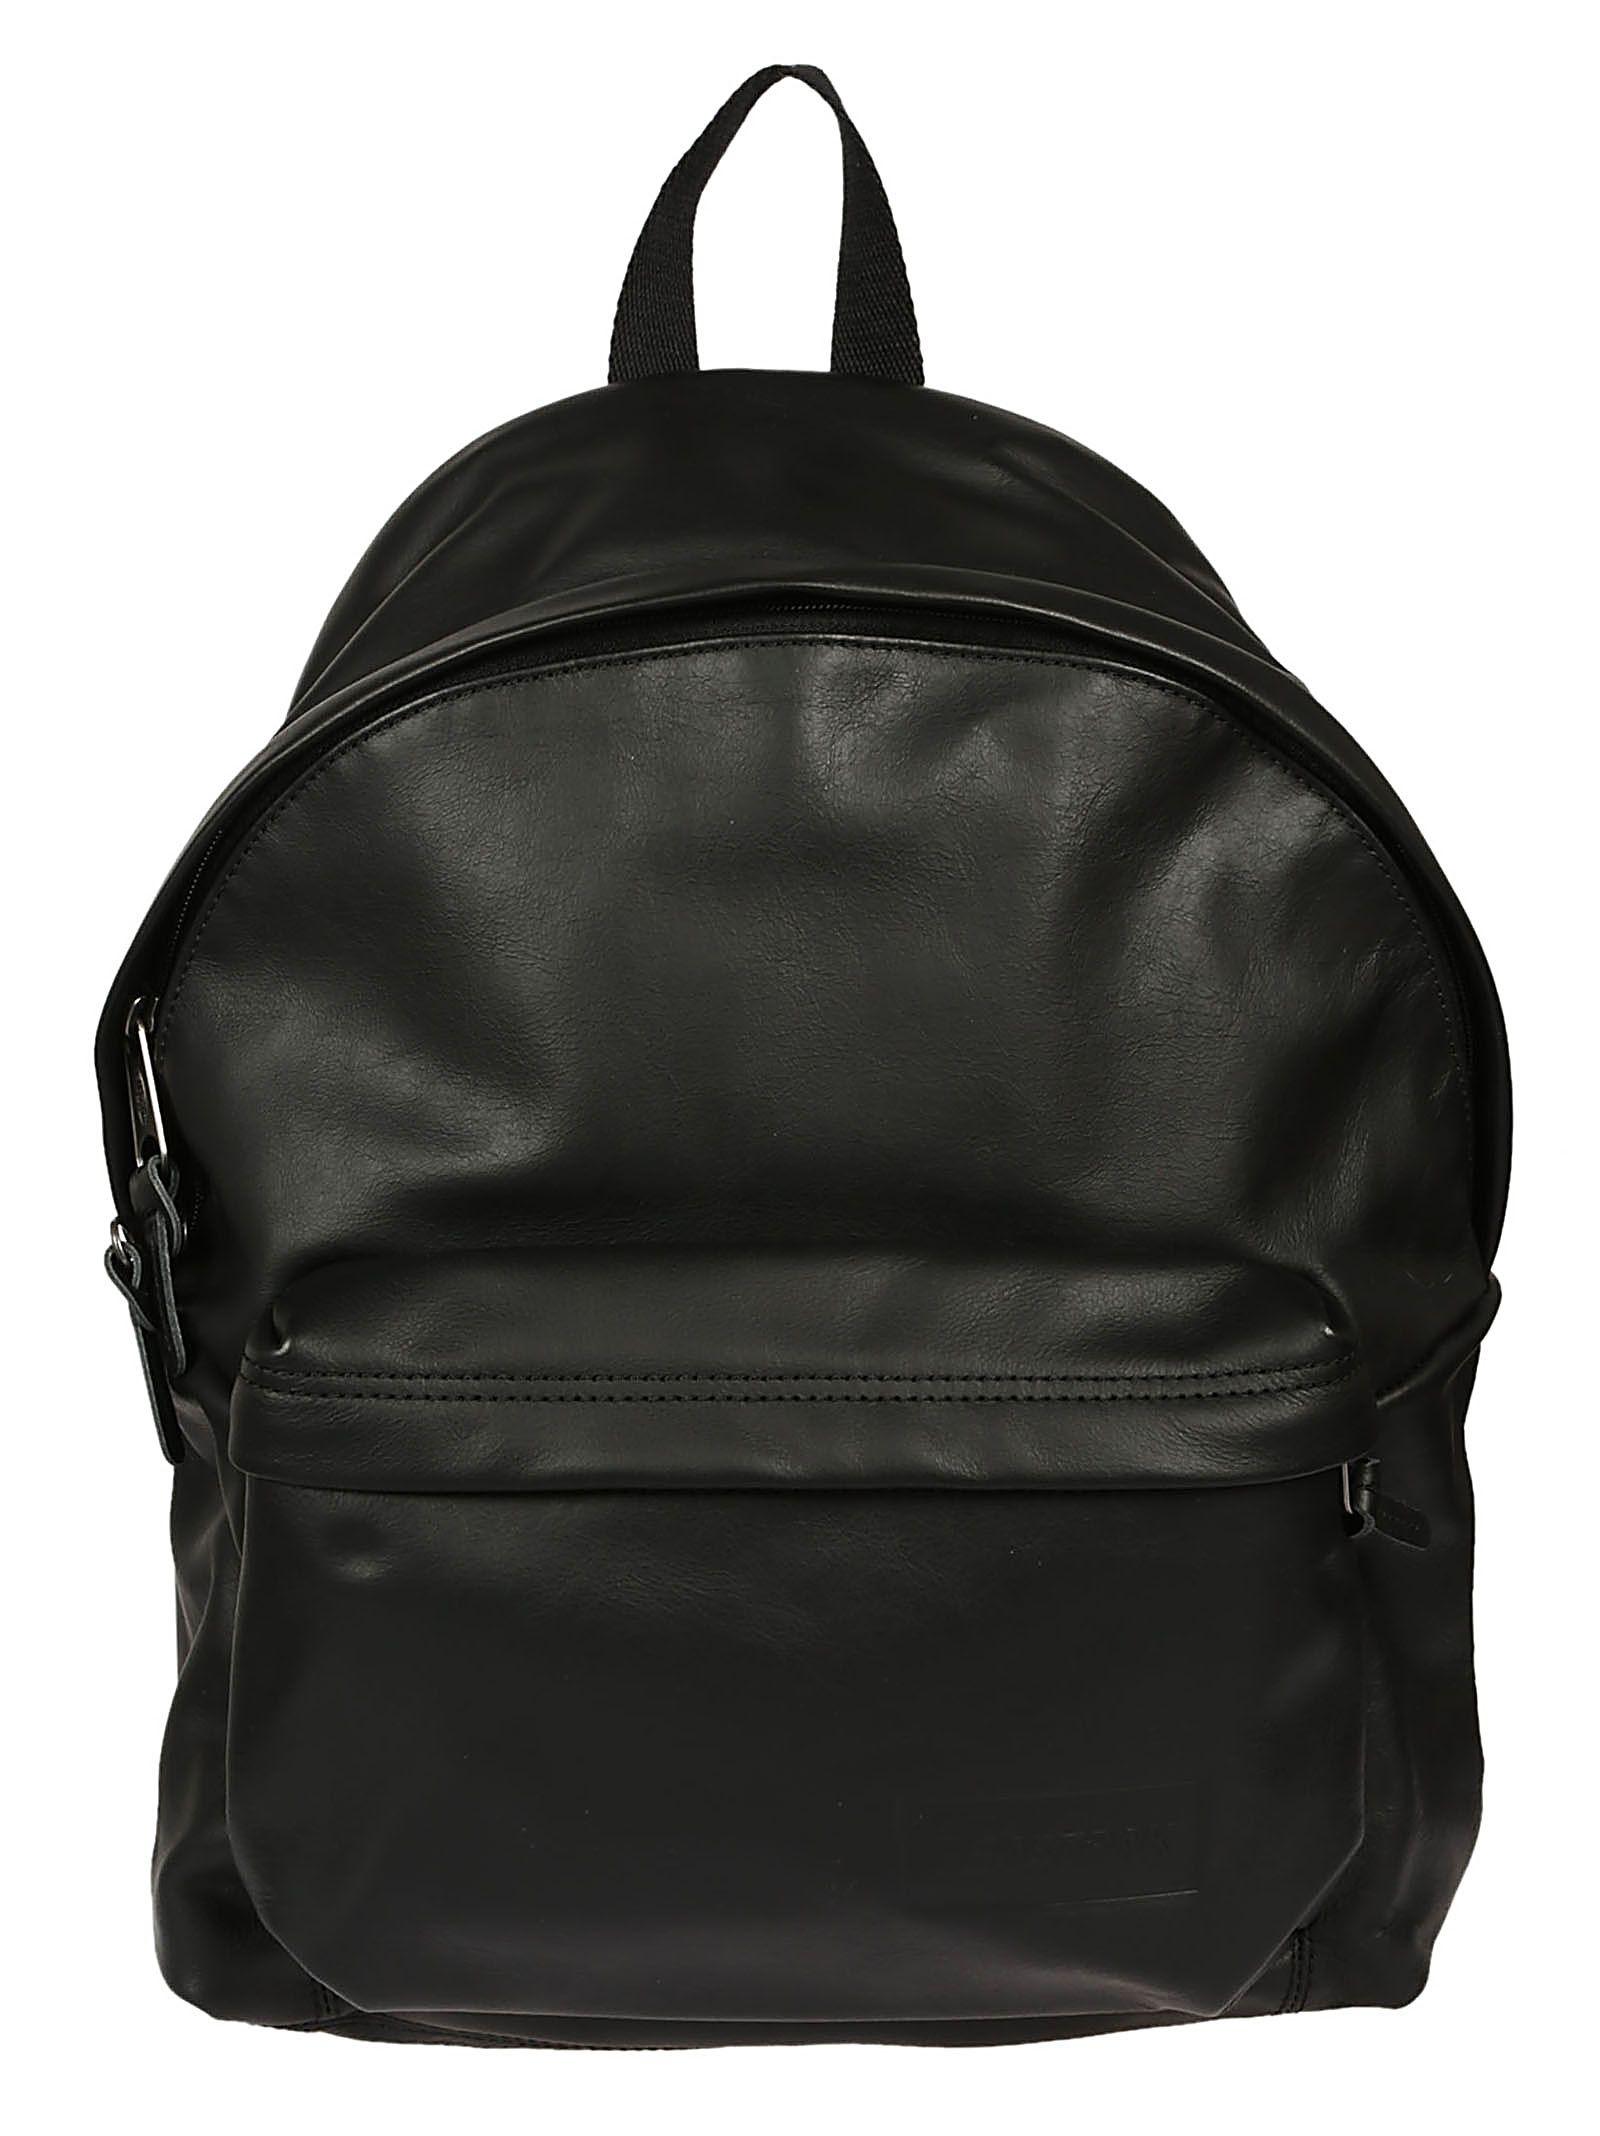 EASTPAK EASTPAK MEN S BLACK LEATHER BACKPACK.  eastpak  bags  leather   backpacks